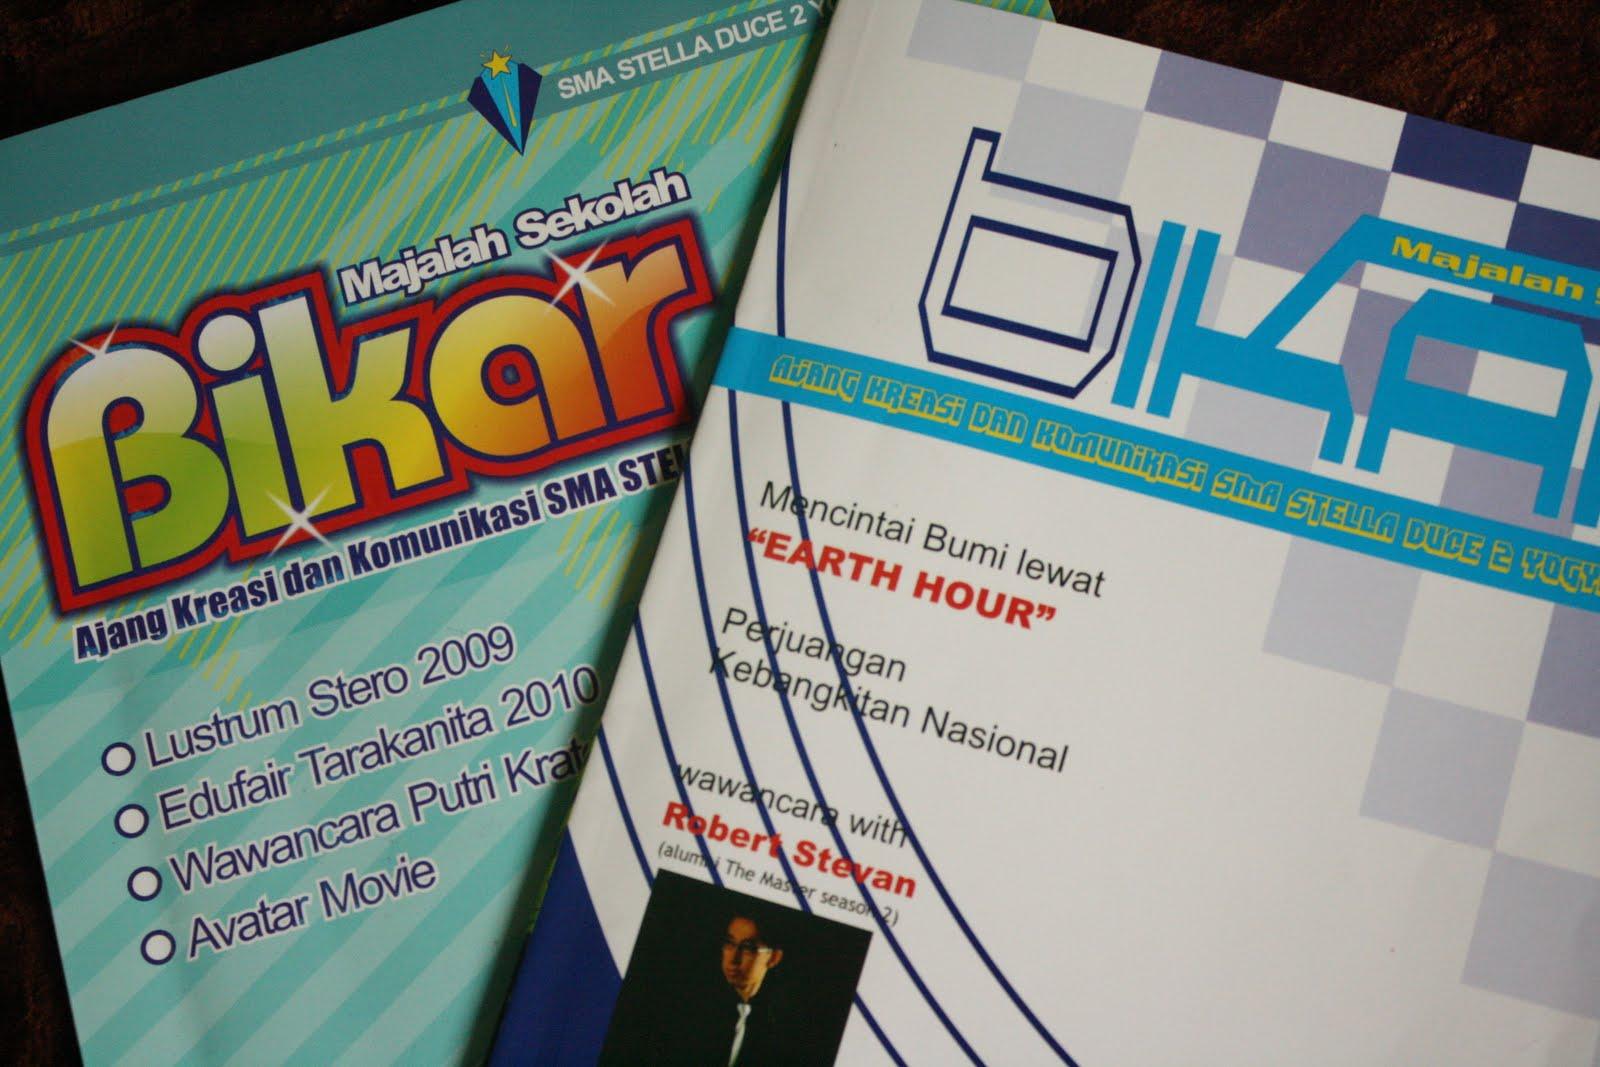 Contoh media bimbingan: majalah sekolah rubrik bimbingan